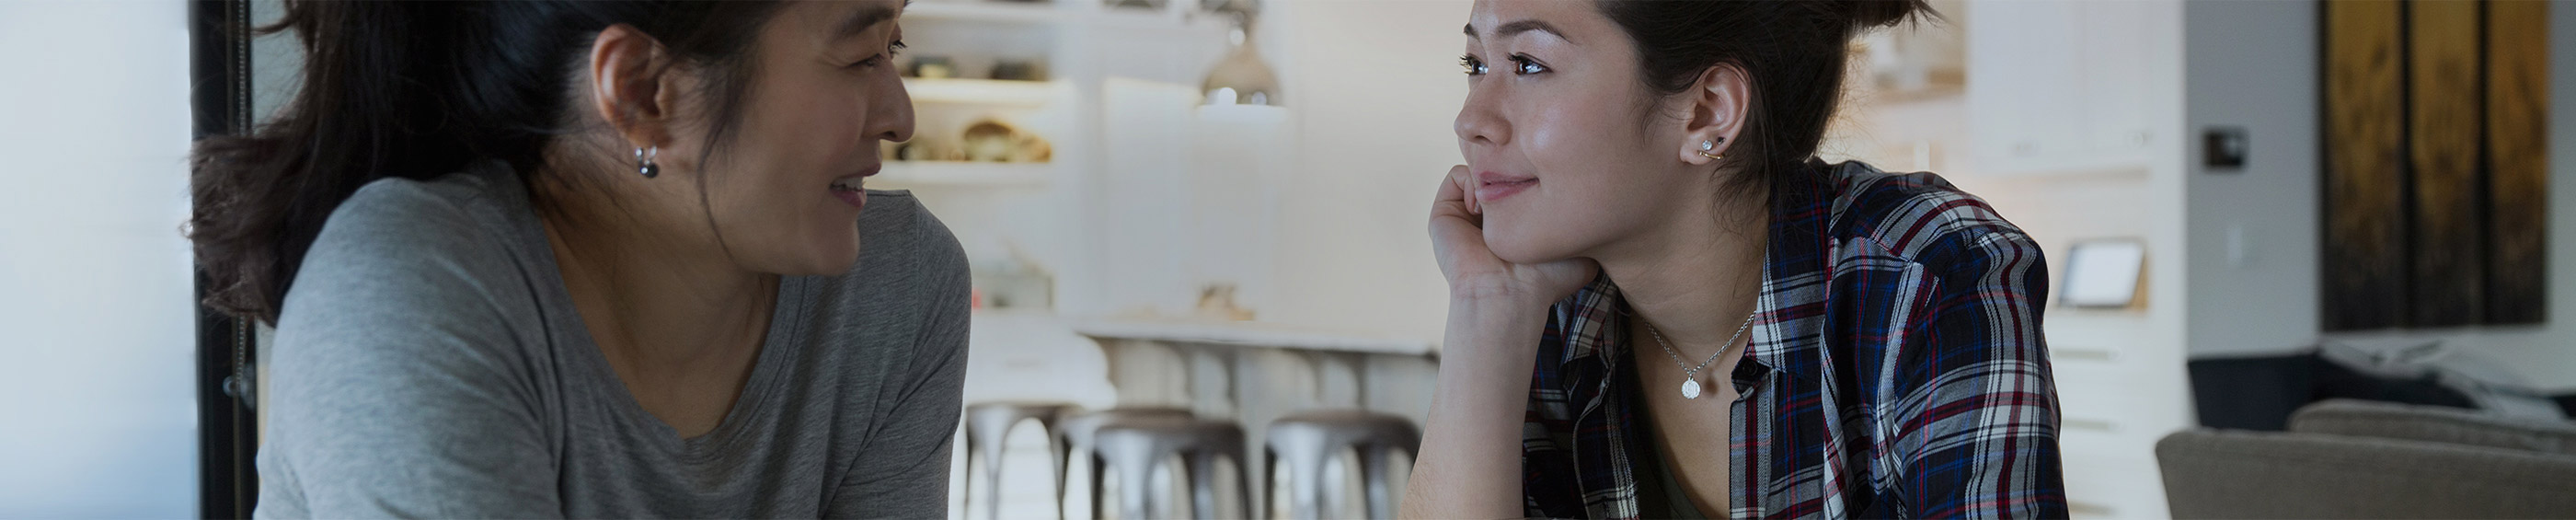 En ung kvinde, der taler med sin mor i køkkenet, hun bruger kontaktlinser